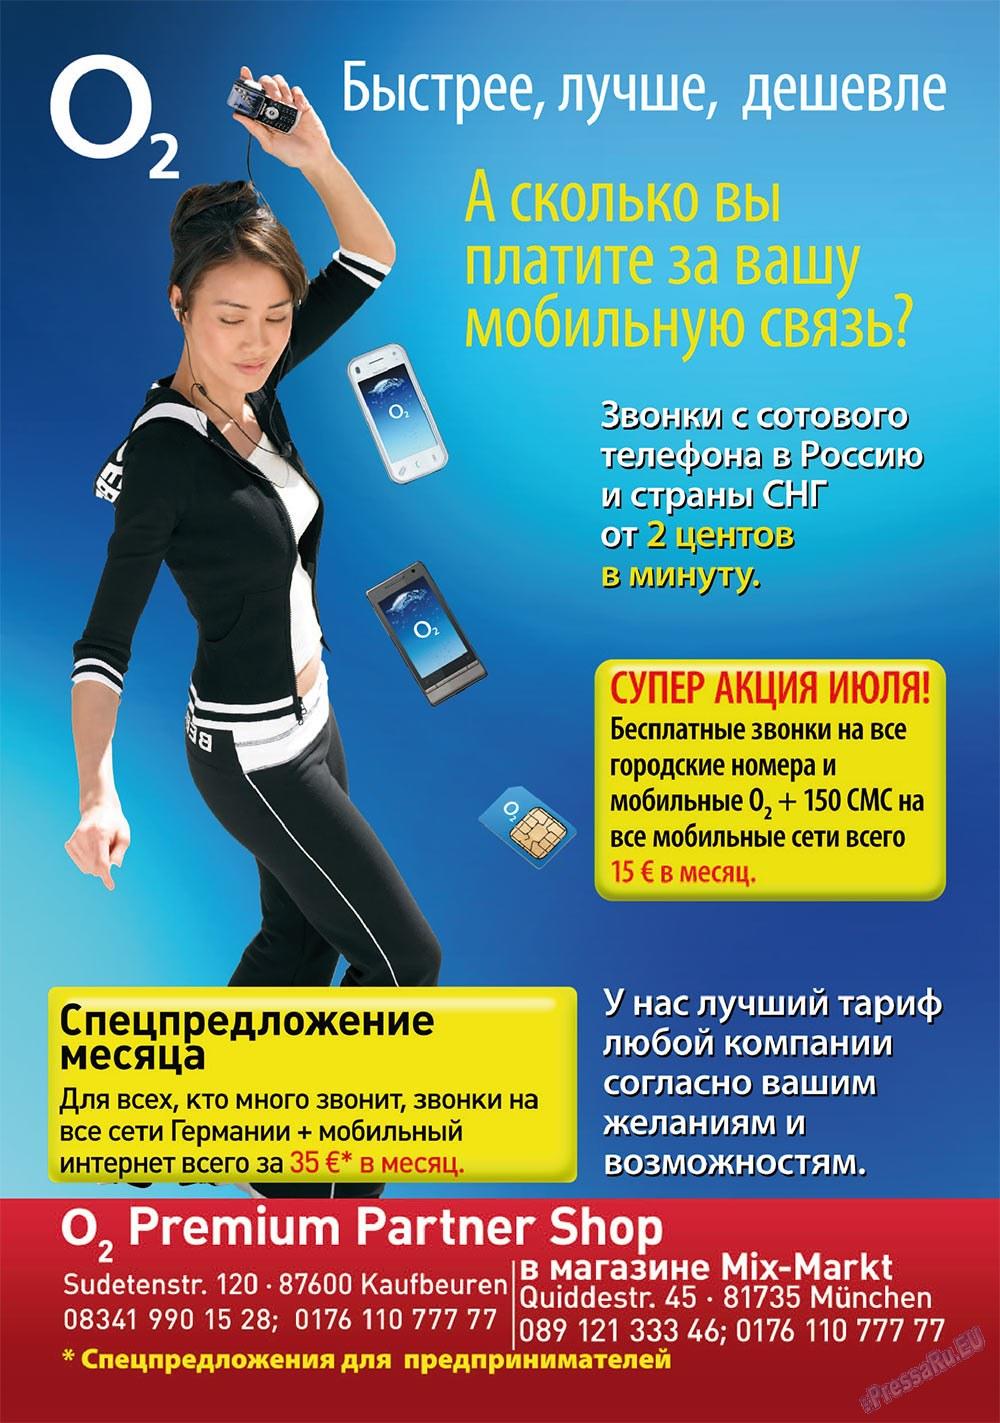 Апельсин (журнал). 2010 год, номер 12, стр. 41